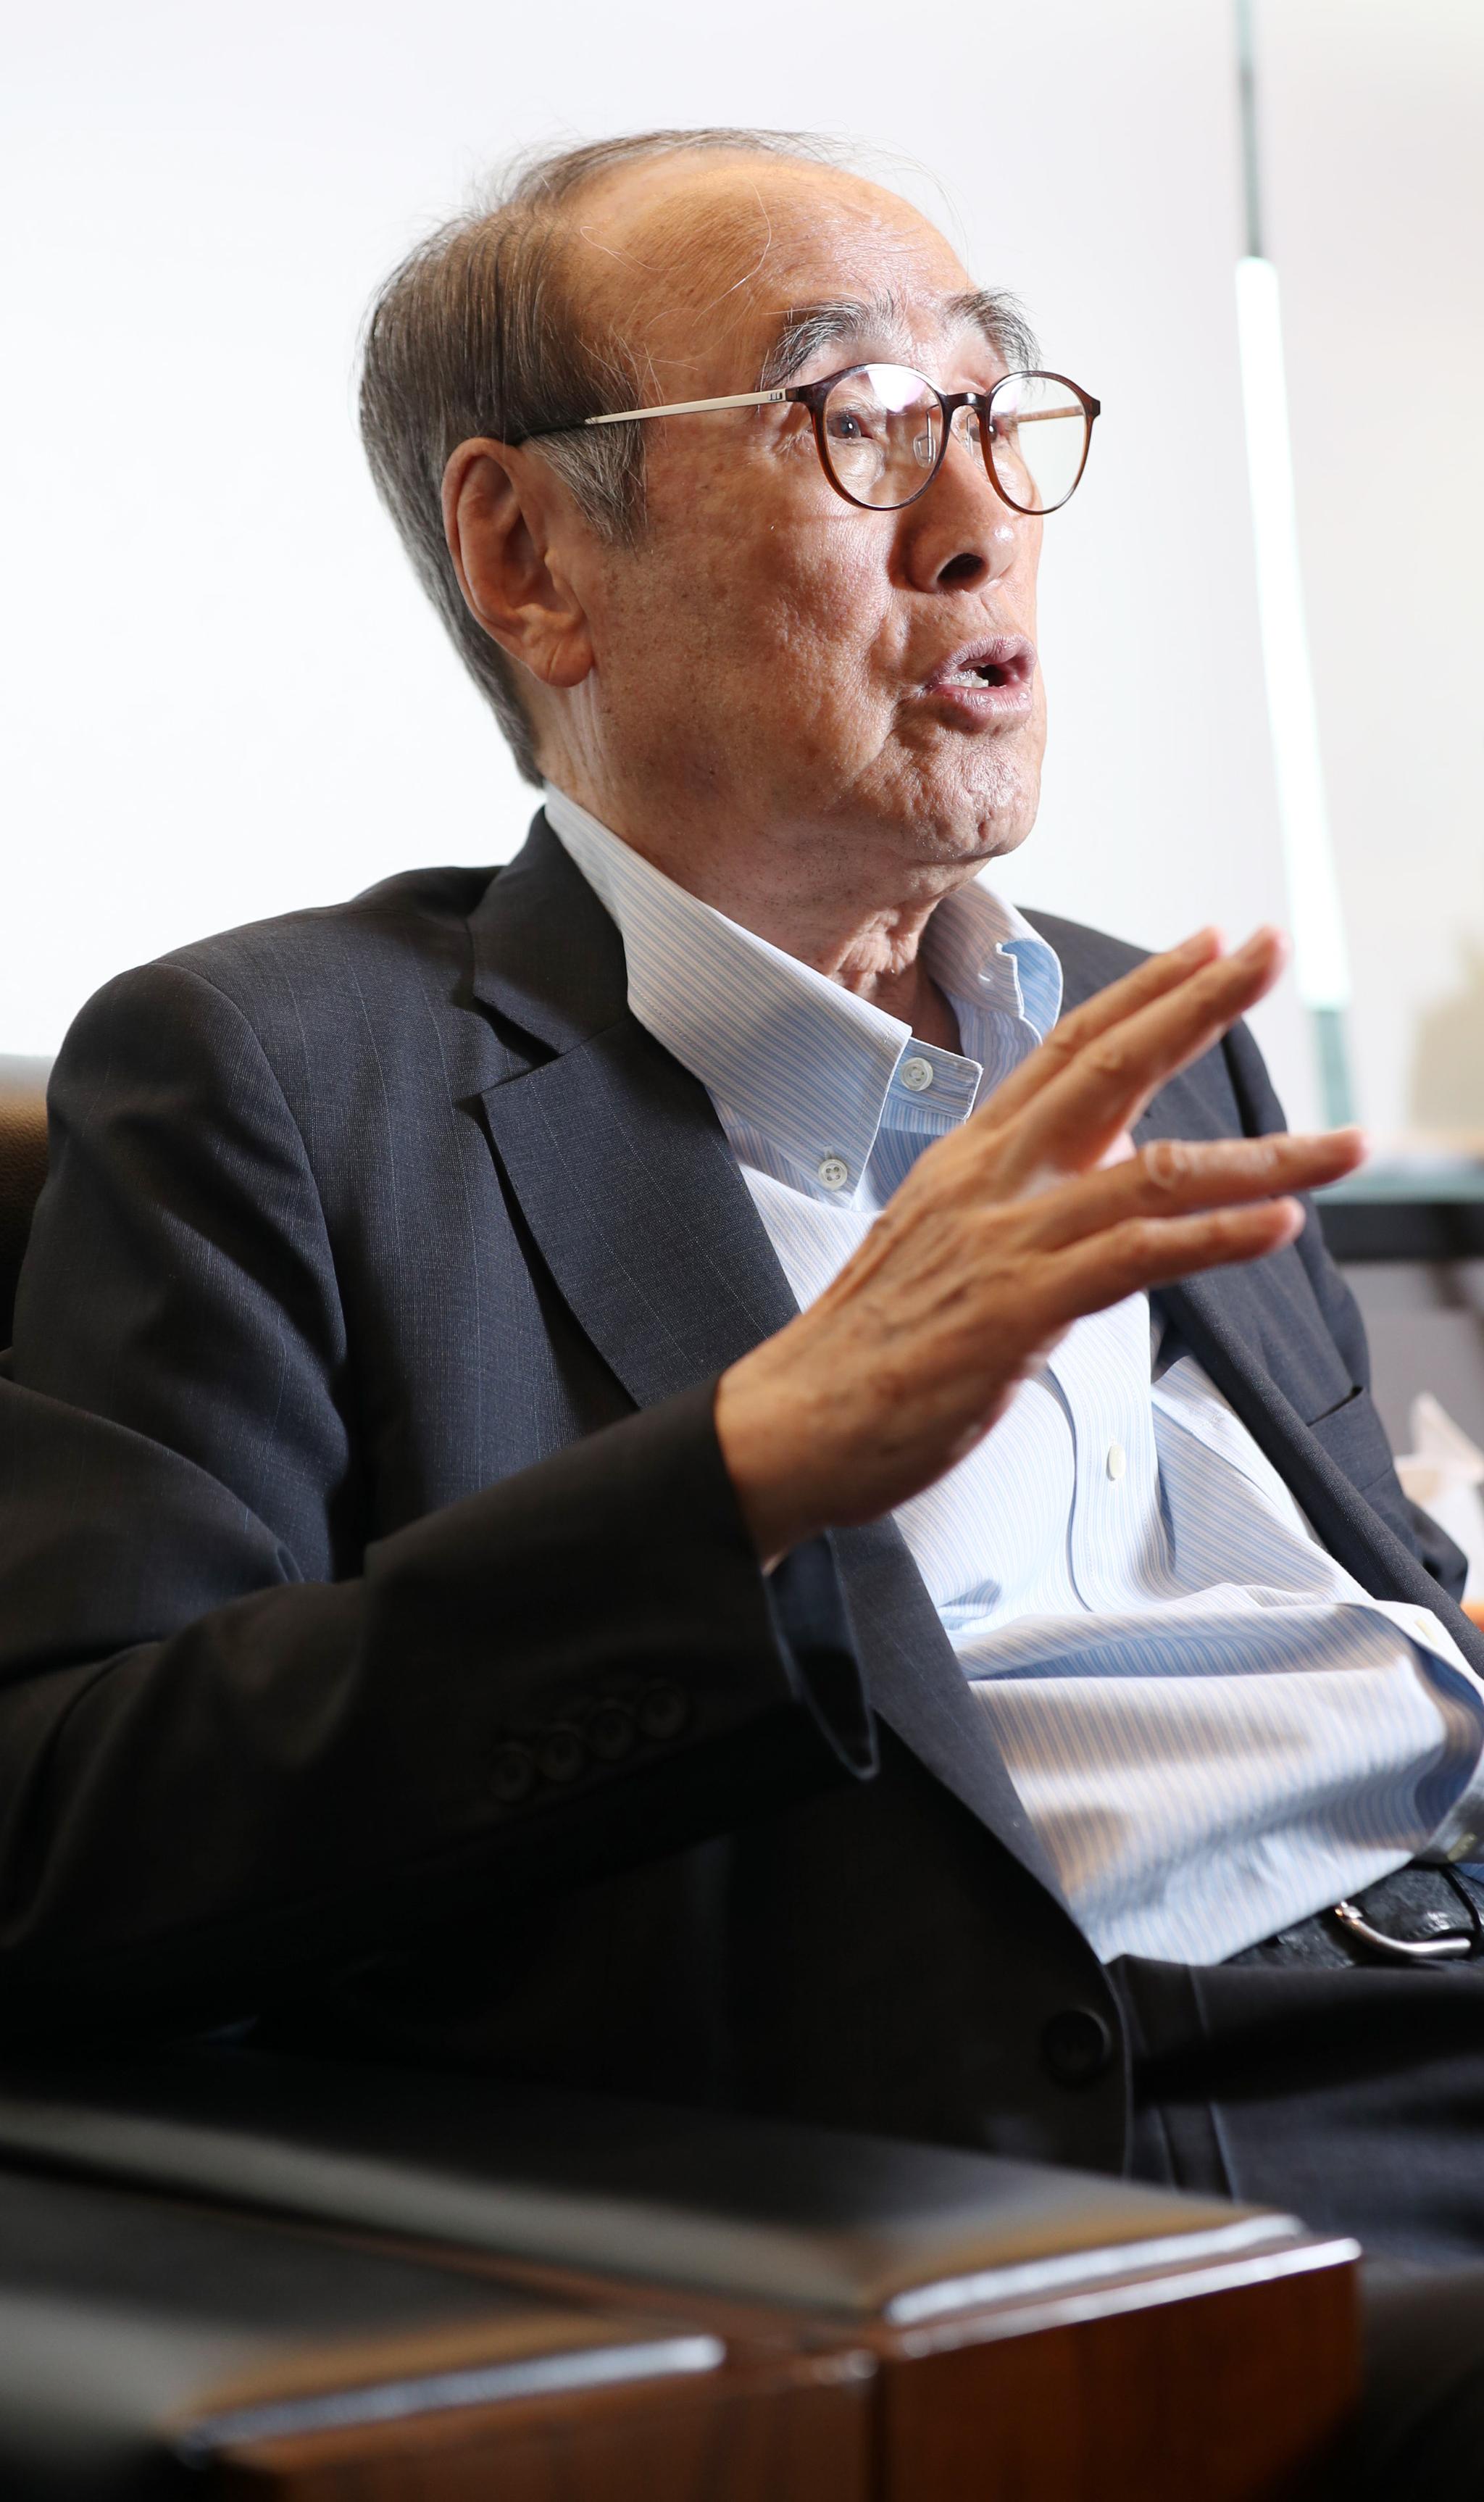 [김진국이 만난 사람] 30년 전엔 국회서 통일방안 만들었는데, 지금은 왜 못 하나